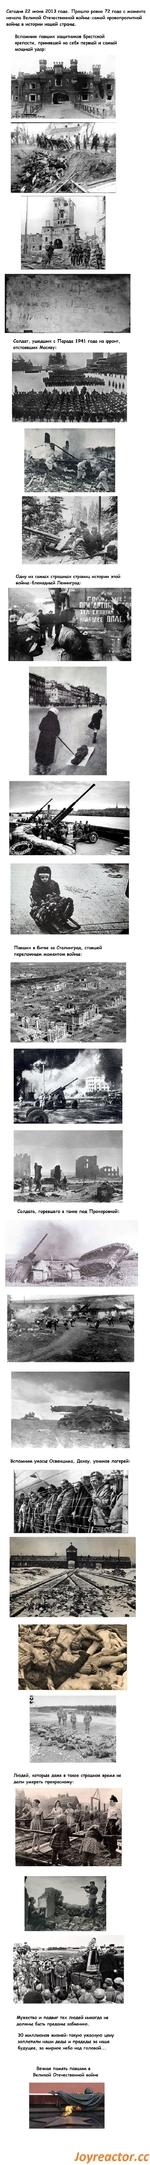 Сегодня 22 июня 2013 года. Прошло ровно 72 года с момента начала Великой Отечественной войны-самой кровопролитной войны в истории нашей страны. Вспомним павших защитников Брестской крепости, принявшей на себя первый и самый мощный удар: Солдат, ушедших с Парада 1941 года на фронт, отстоявших Моск